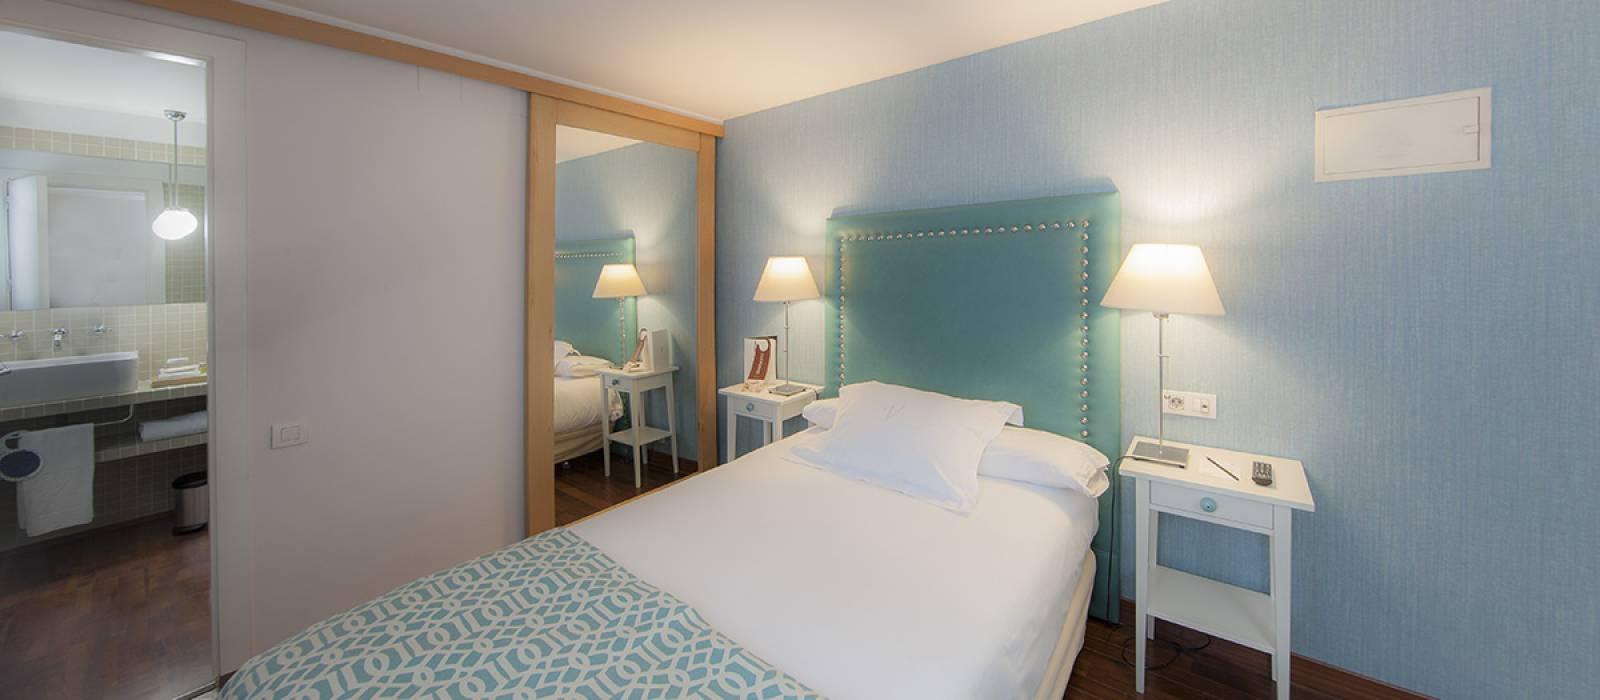 Habitaciones Hotel Madrid Soma - Vincci Hoteles - Vincci Indivicual